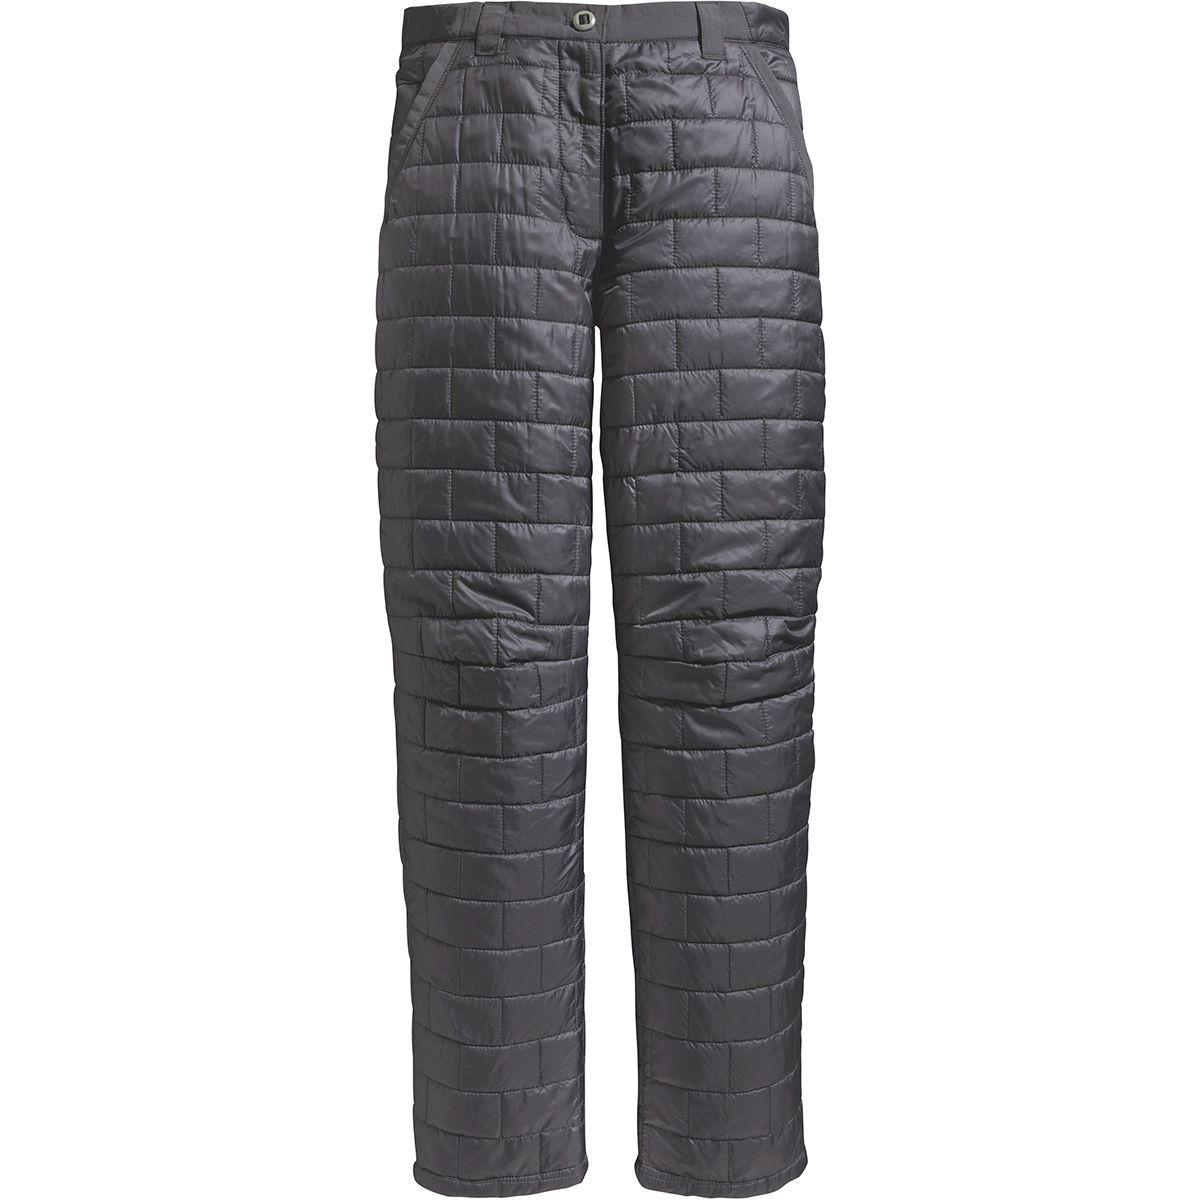 Patagonia Nano Puff Pant - Men's